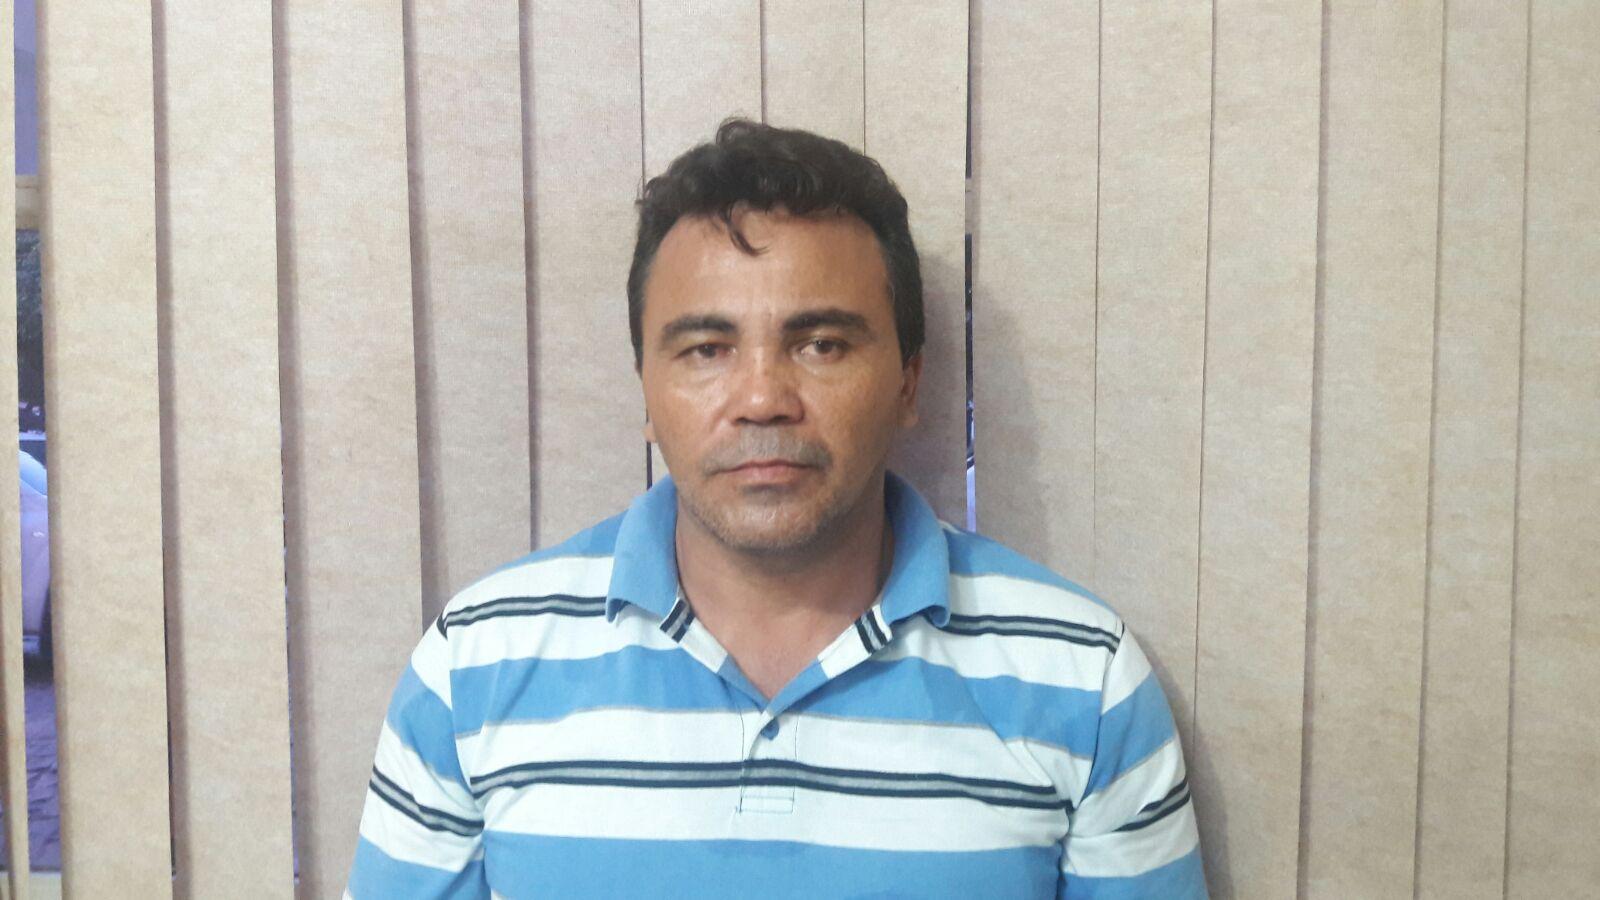 Matias Tomais de Oliveira